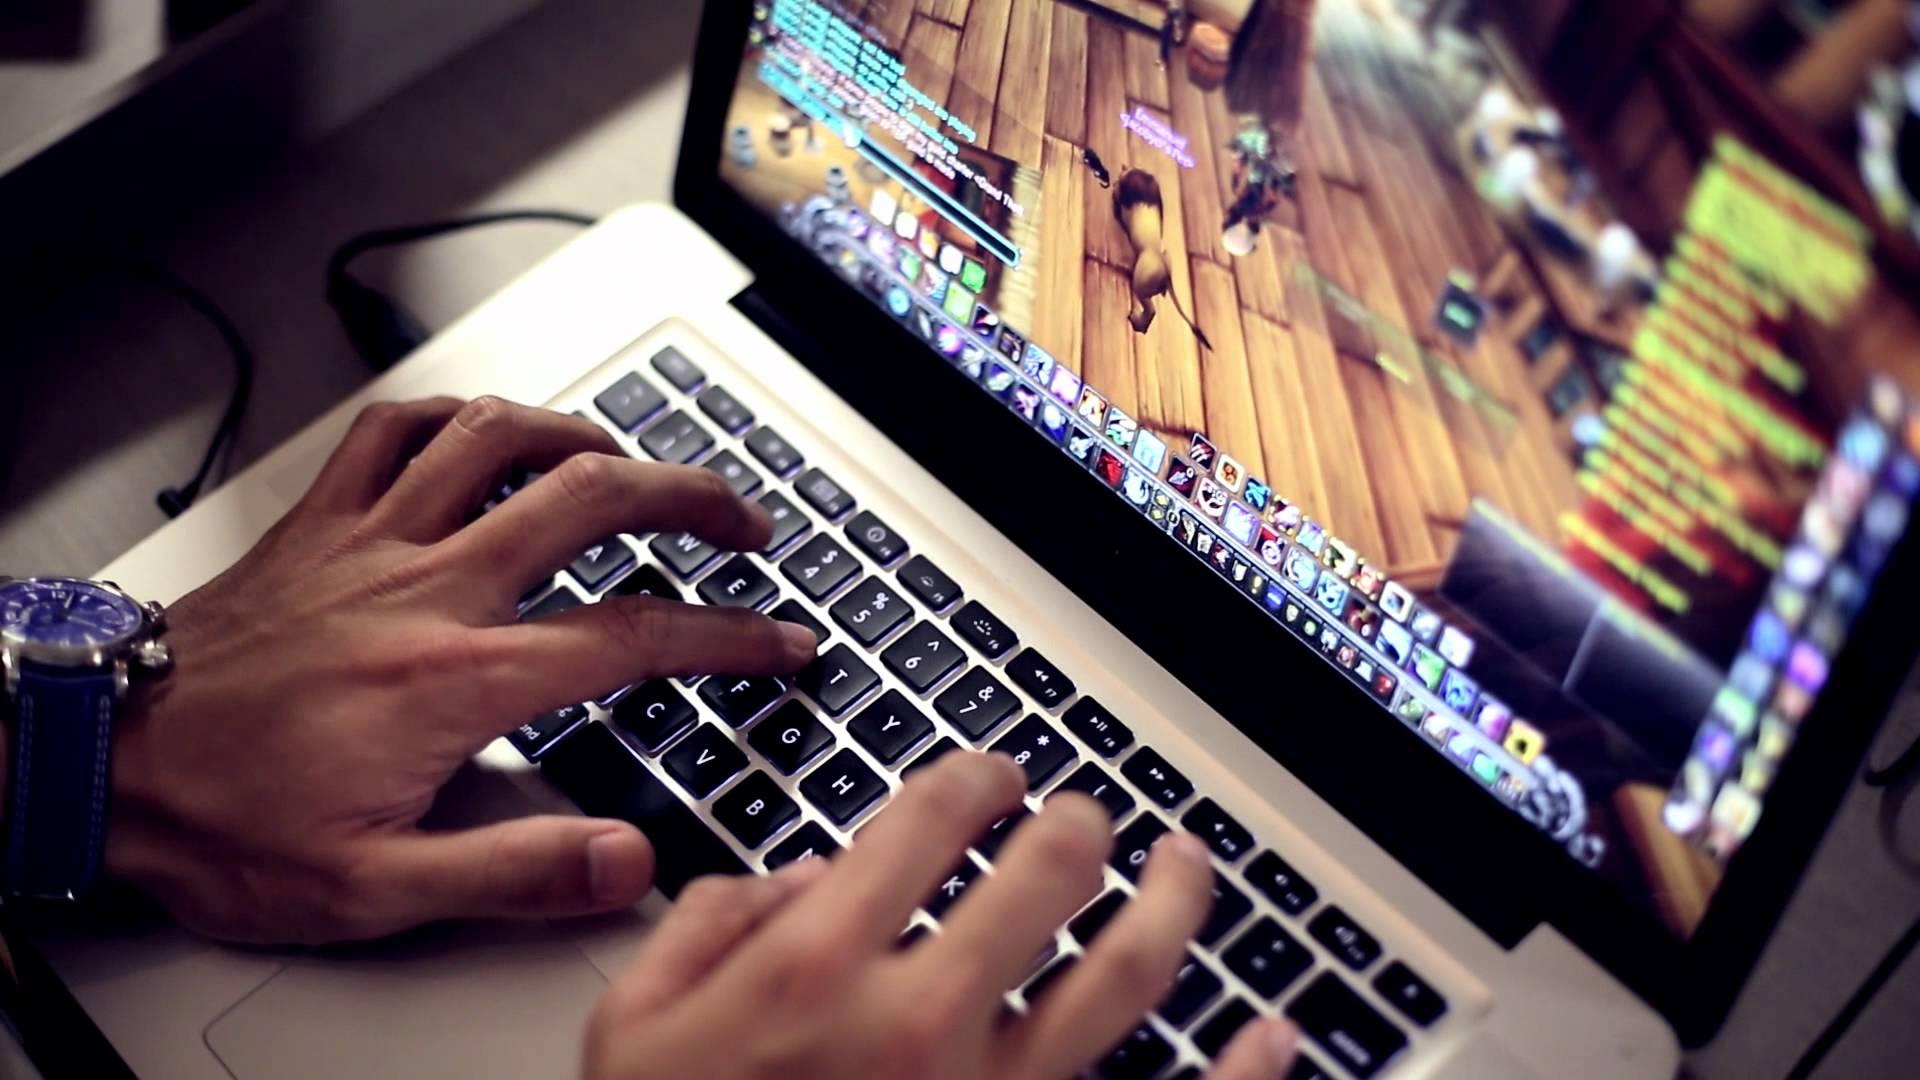 Industri Game Online yang Sedang Booming di Amerika Selatan |  Suara dan Warna